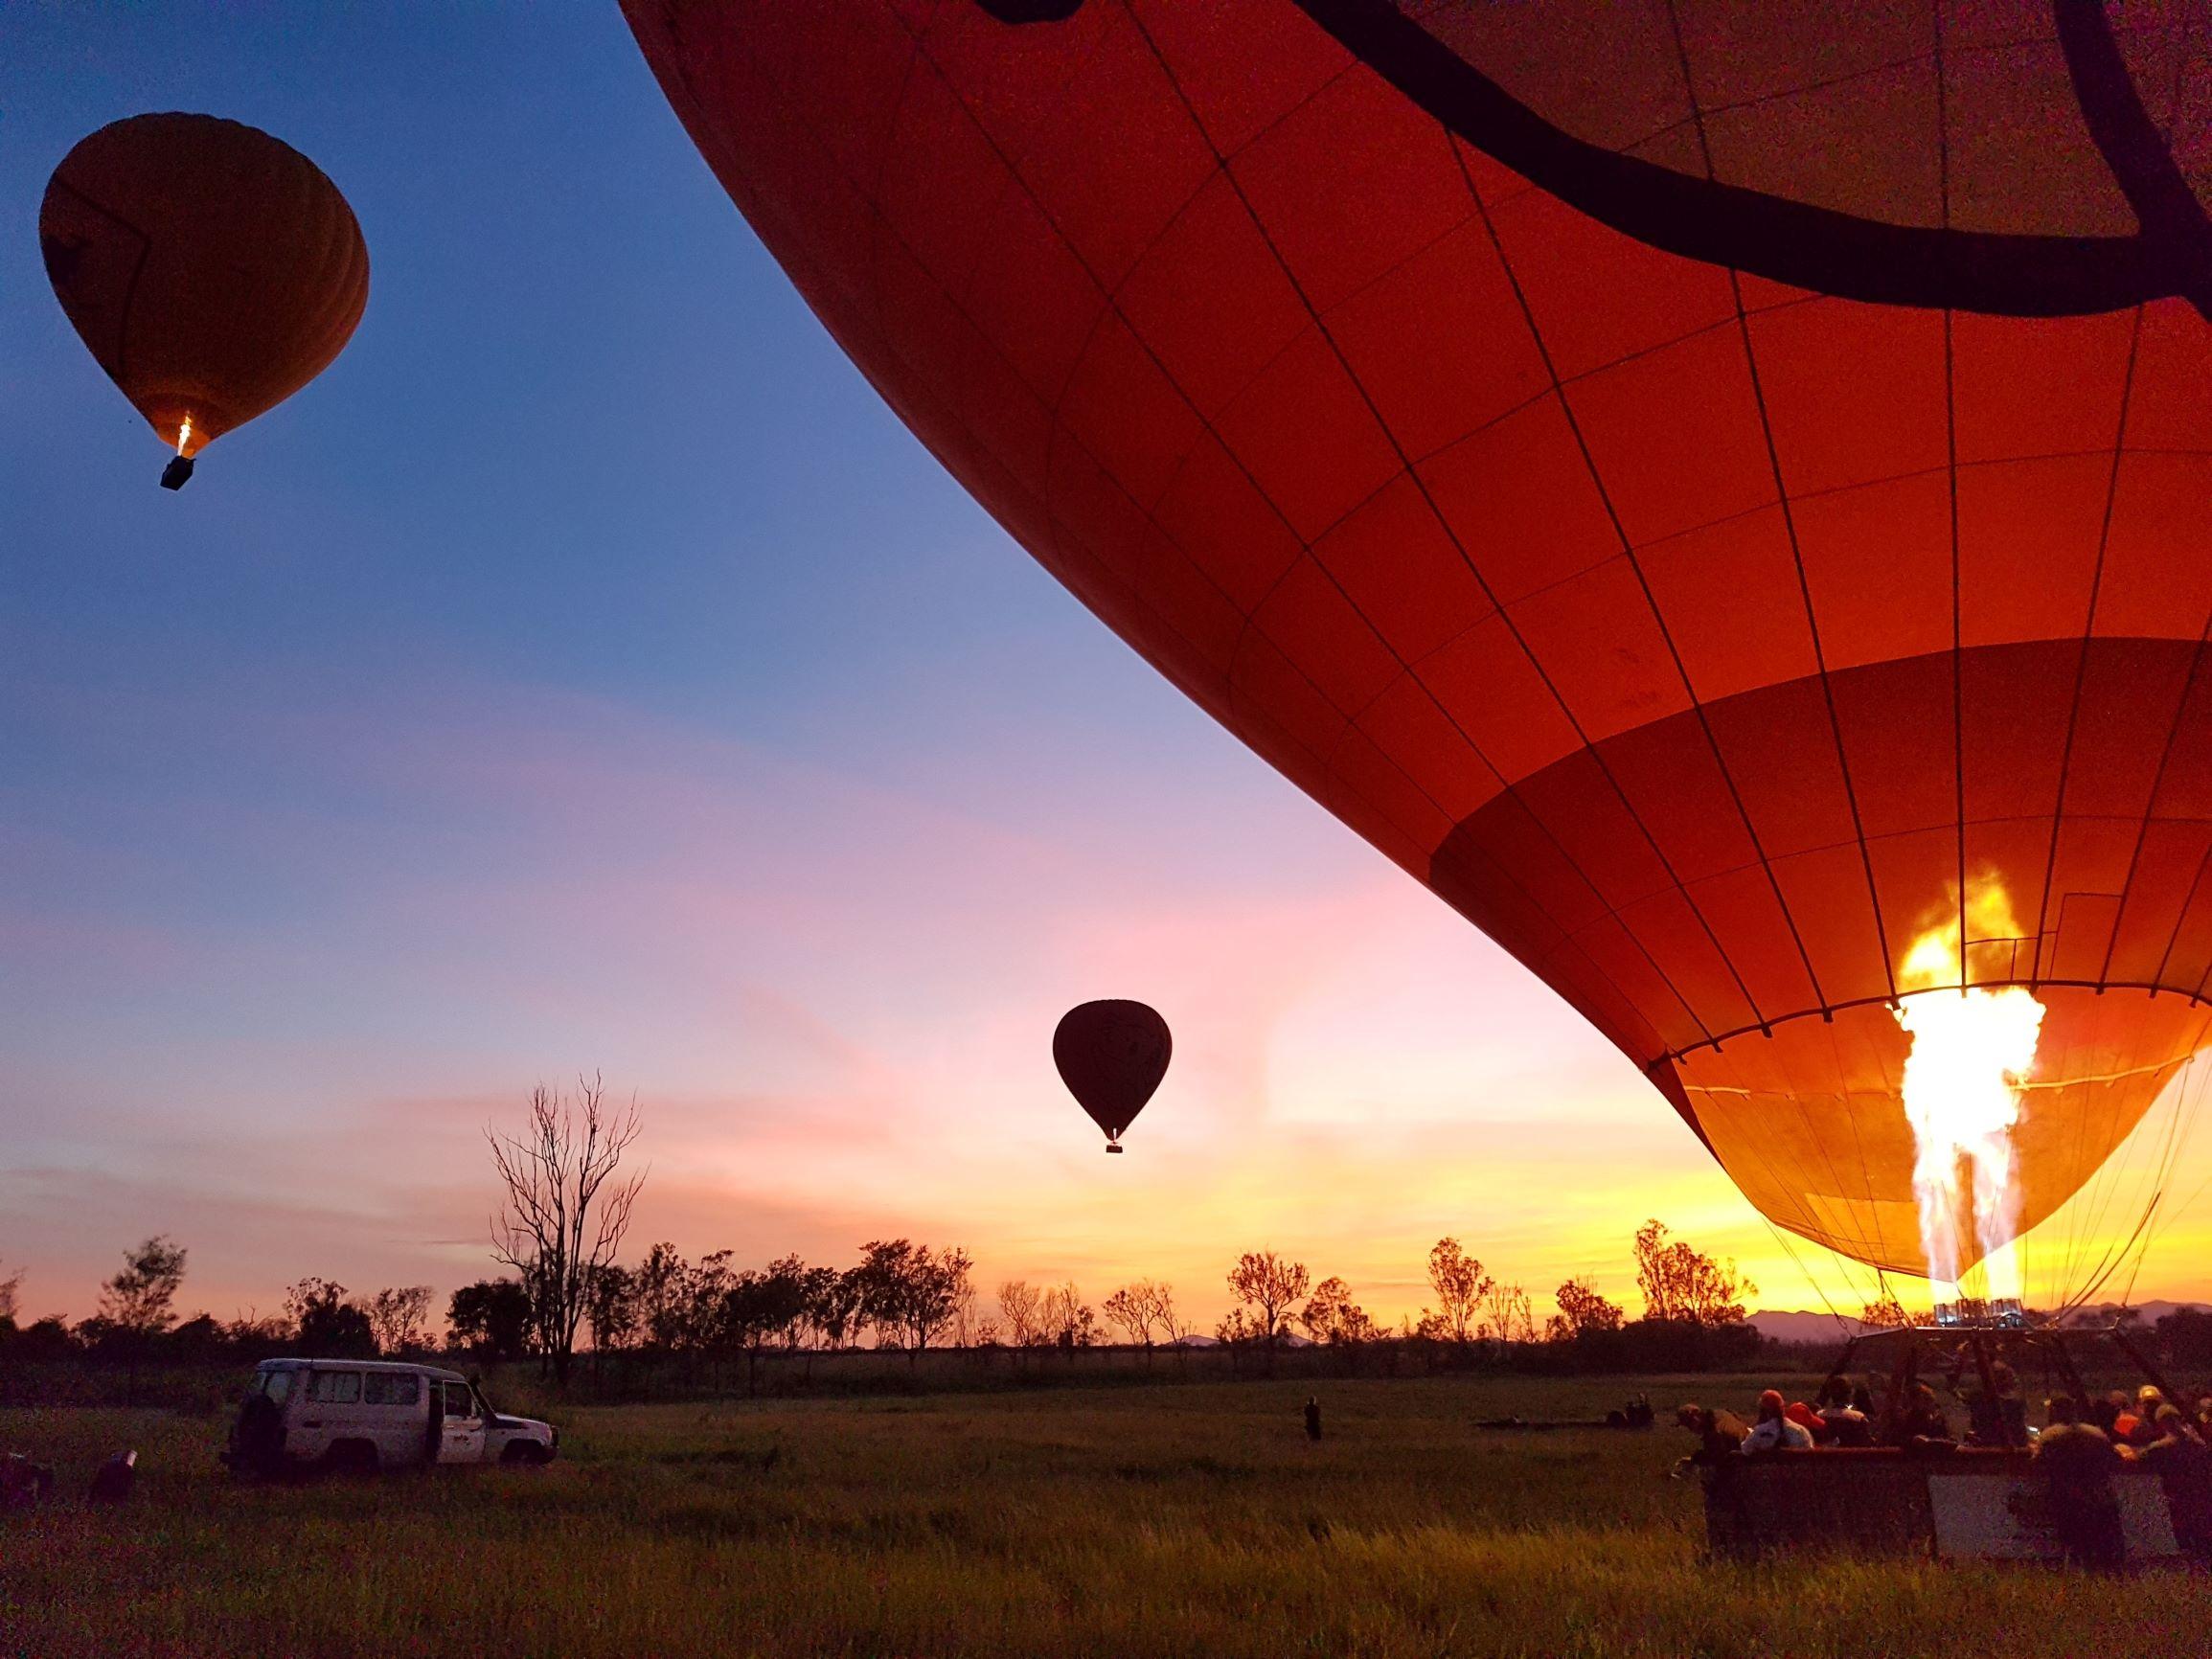 ケアンズ 広大なオーストラリアの空を熱気球遊覧飛行